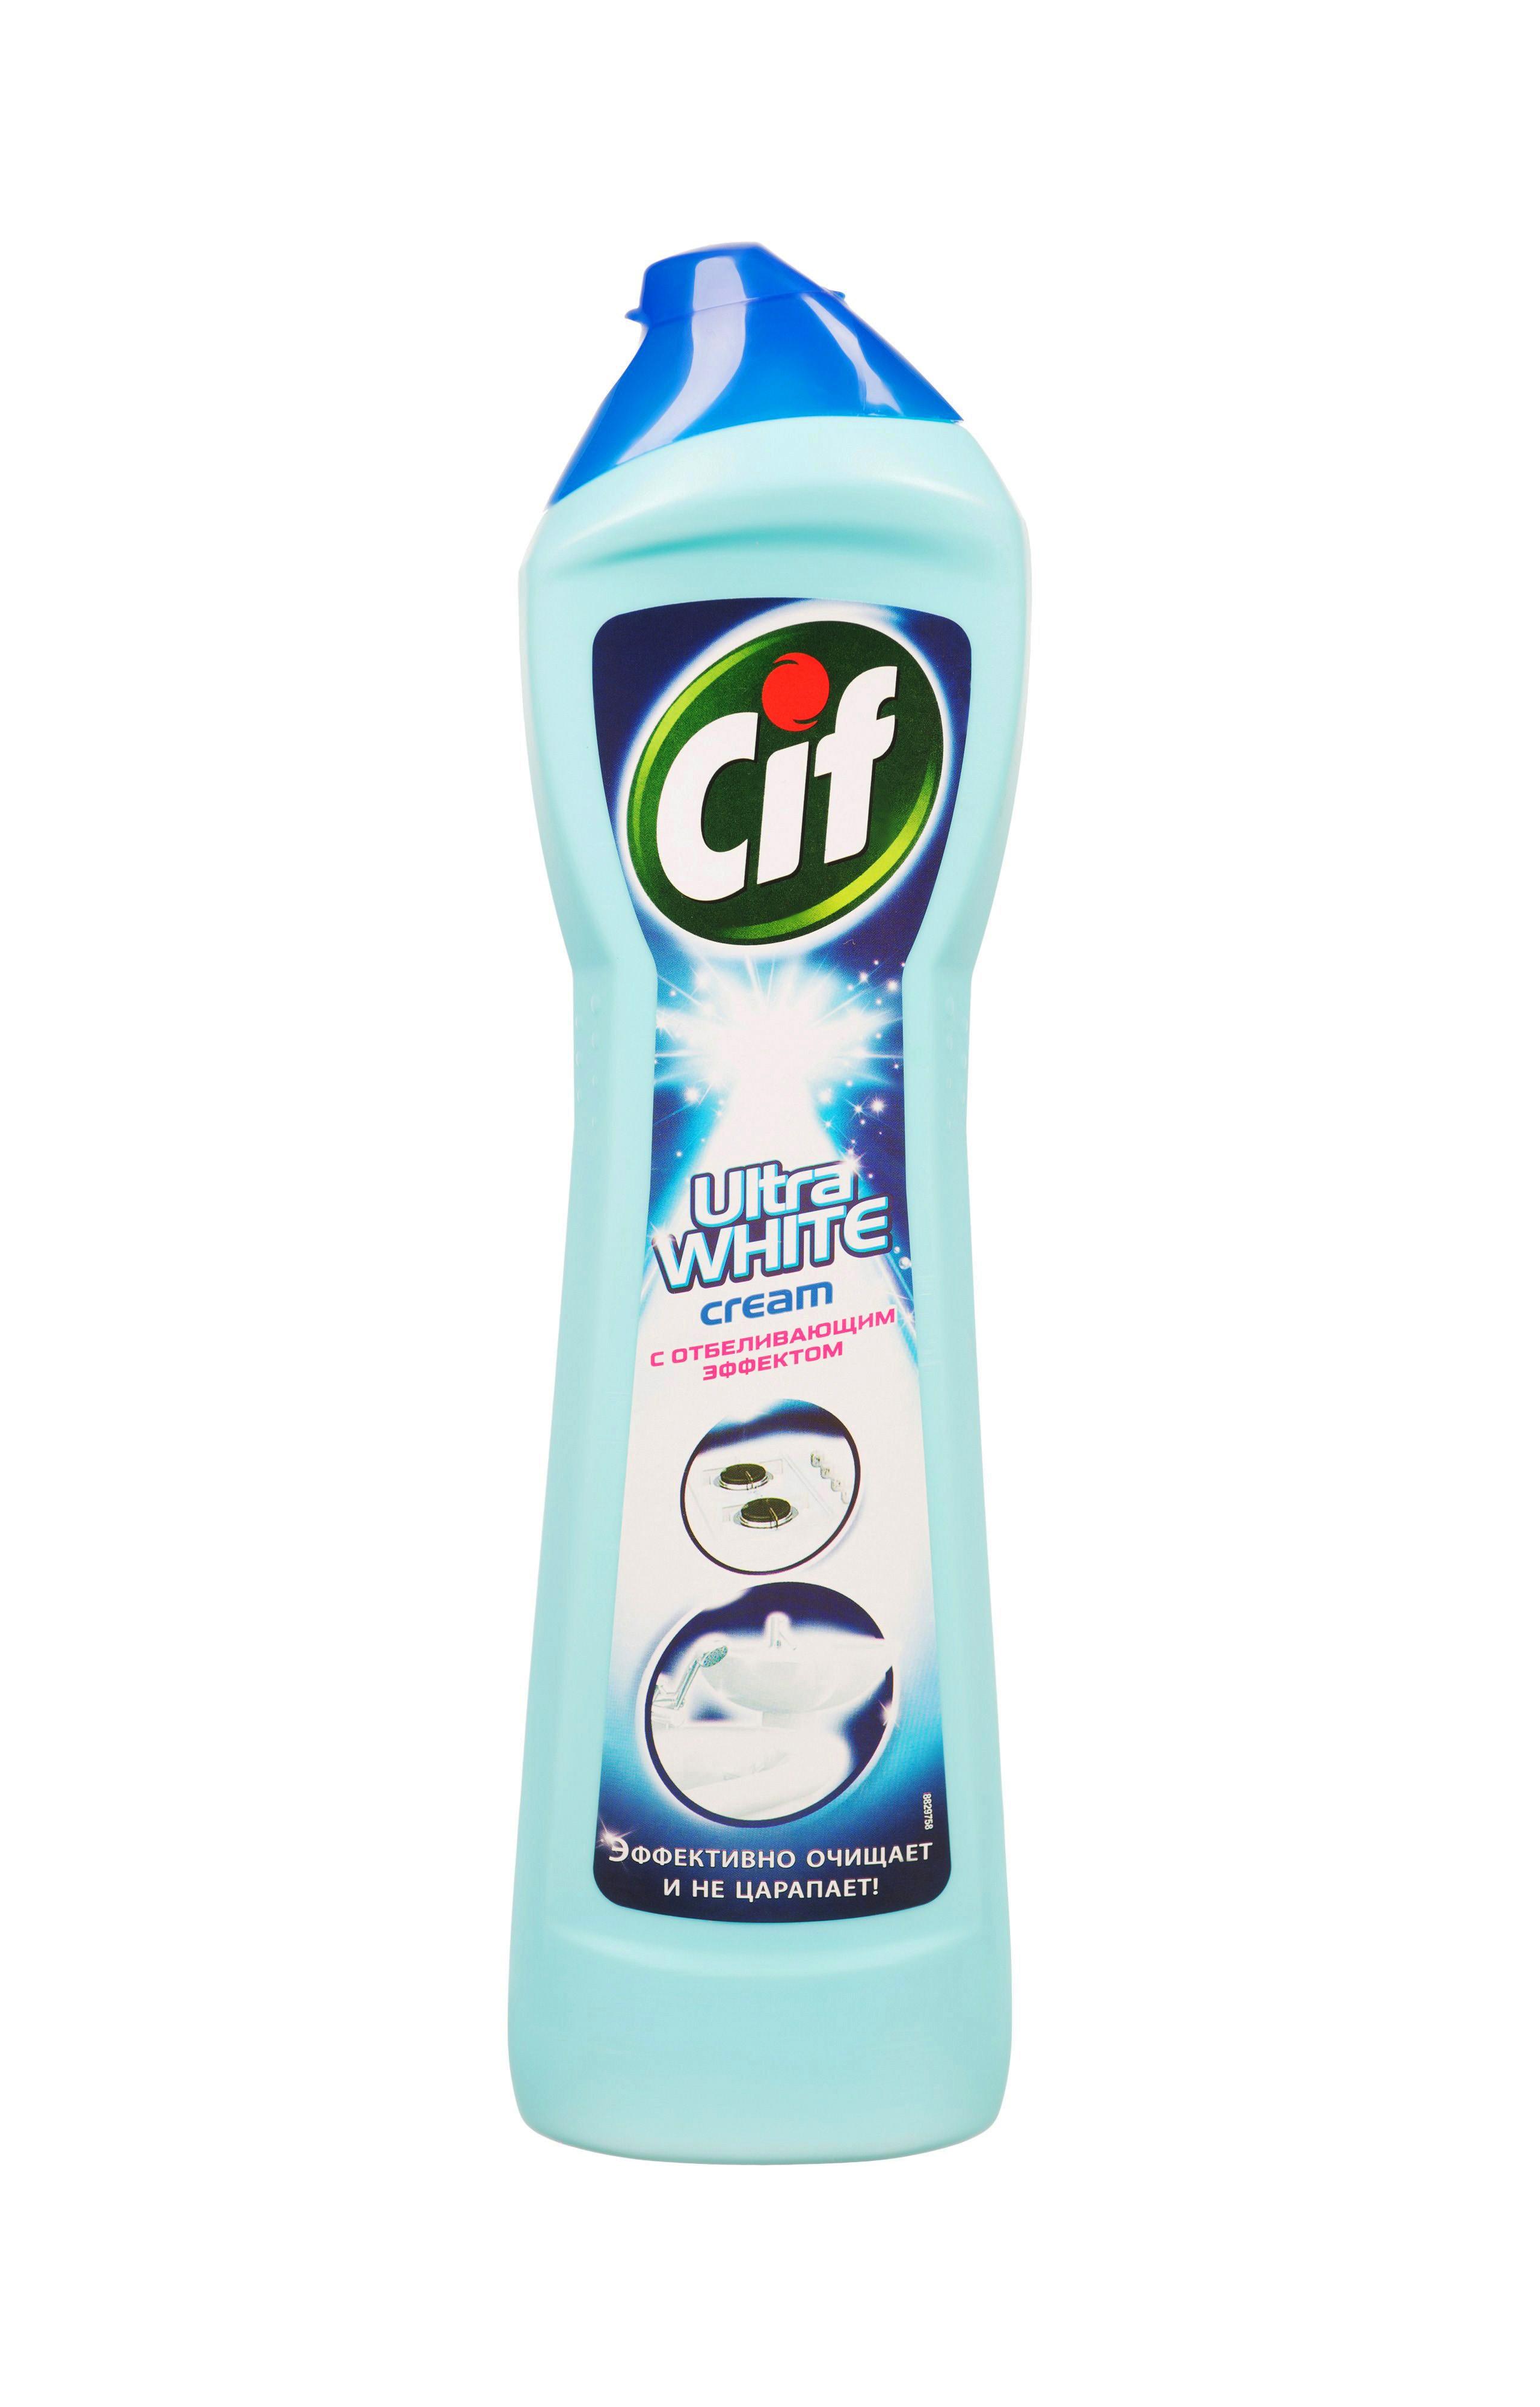 Cif Чистящий крем Ultra White, с отбеливающим эффектом, 500 мл65414441/8747879Чистящий крем Cif Ultra White содержит особые микрогранулы, удаляющие жир вещества и отбеливающий компонент, поэтому обладает тройной силой, позволяющей справиться с самыми сложными и трудновыводимыми загрязнениями даже на современных поверхностях во всем доме. Подходит для очистки поверхностей на кухне, в ванной и туалете. Моющая формула эффективно удалит: - стойкие загрязнения на кухне и в ванной,- ржавчину и известковые отложения,- мыльный налет,- пятна плесени в ванной комнате, - пятна от чая, кофе, вина.Благодаря уникальной формуле крем Cif эффективно справляется даже с сильными загрязнениями, не повреждая поверхность и не оставляя на ней царапин! Все поверхности на кухне и в ванной засияют как новые, крем Cif легко вернет им первоначальную чистоту и сохранит ваше время для более приятных занятий!Состав: менее 5% анионные ПАВ, гипохлорит натрия, неионогенные ПАВ, мыло, отдушка.Товар сертифицирован.